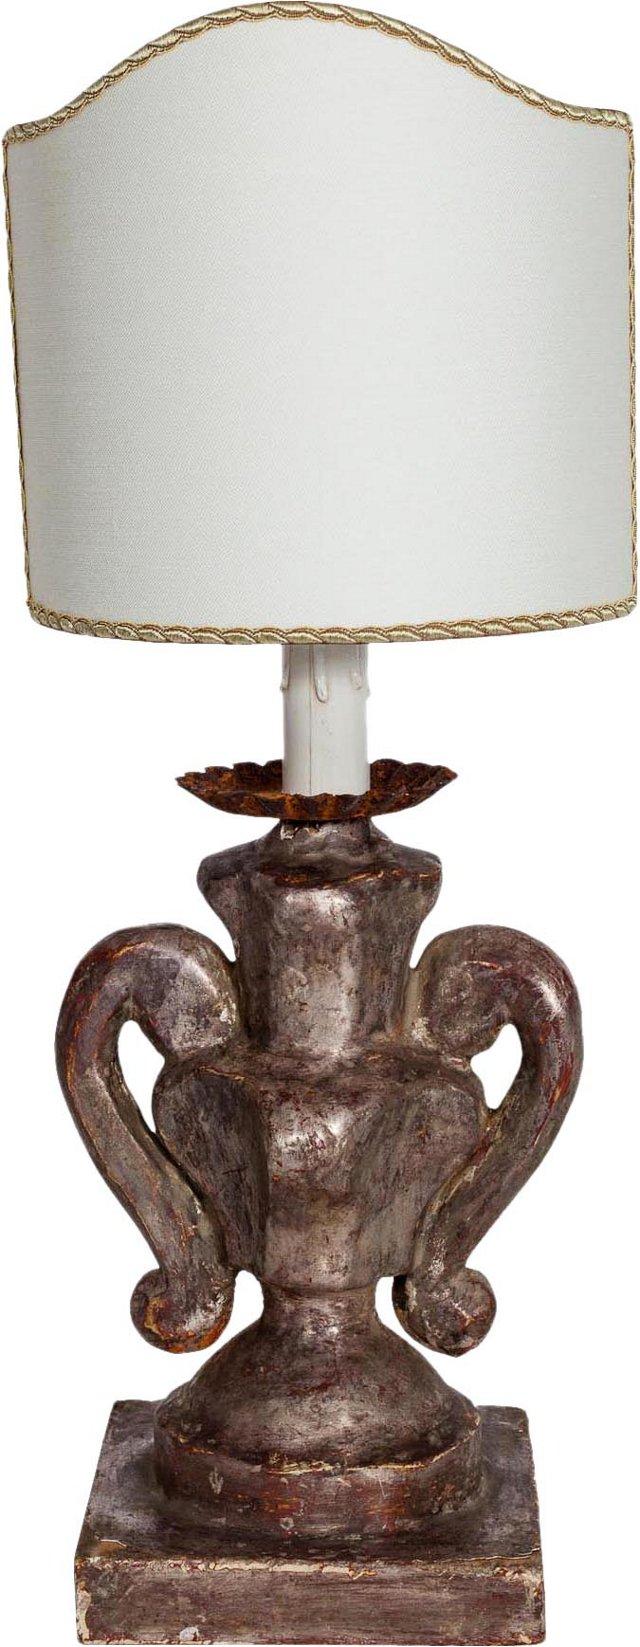 Petite Italian Silver Lamp